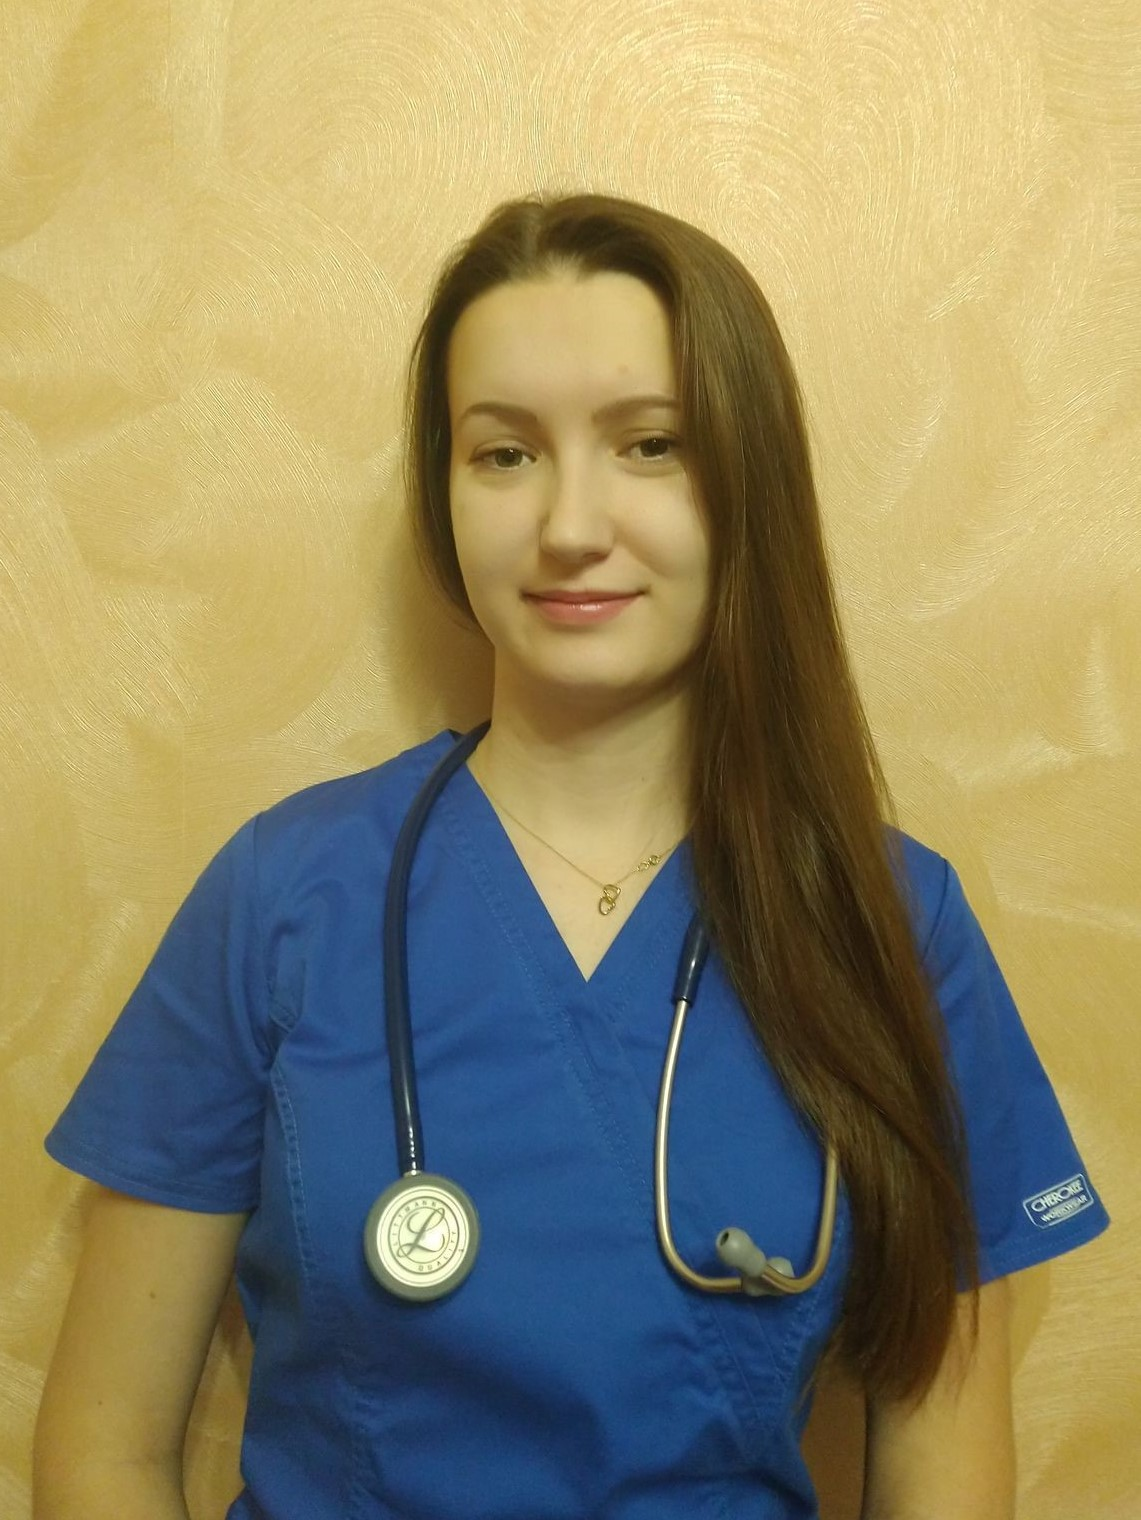 сімейний лікар- оптометрист Романенко Анастасія Сергіївна